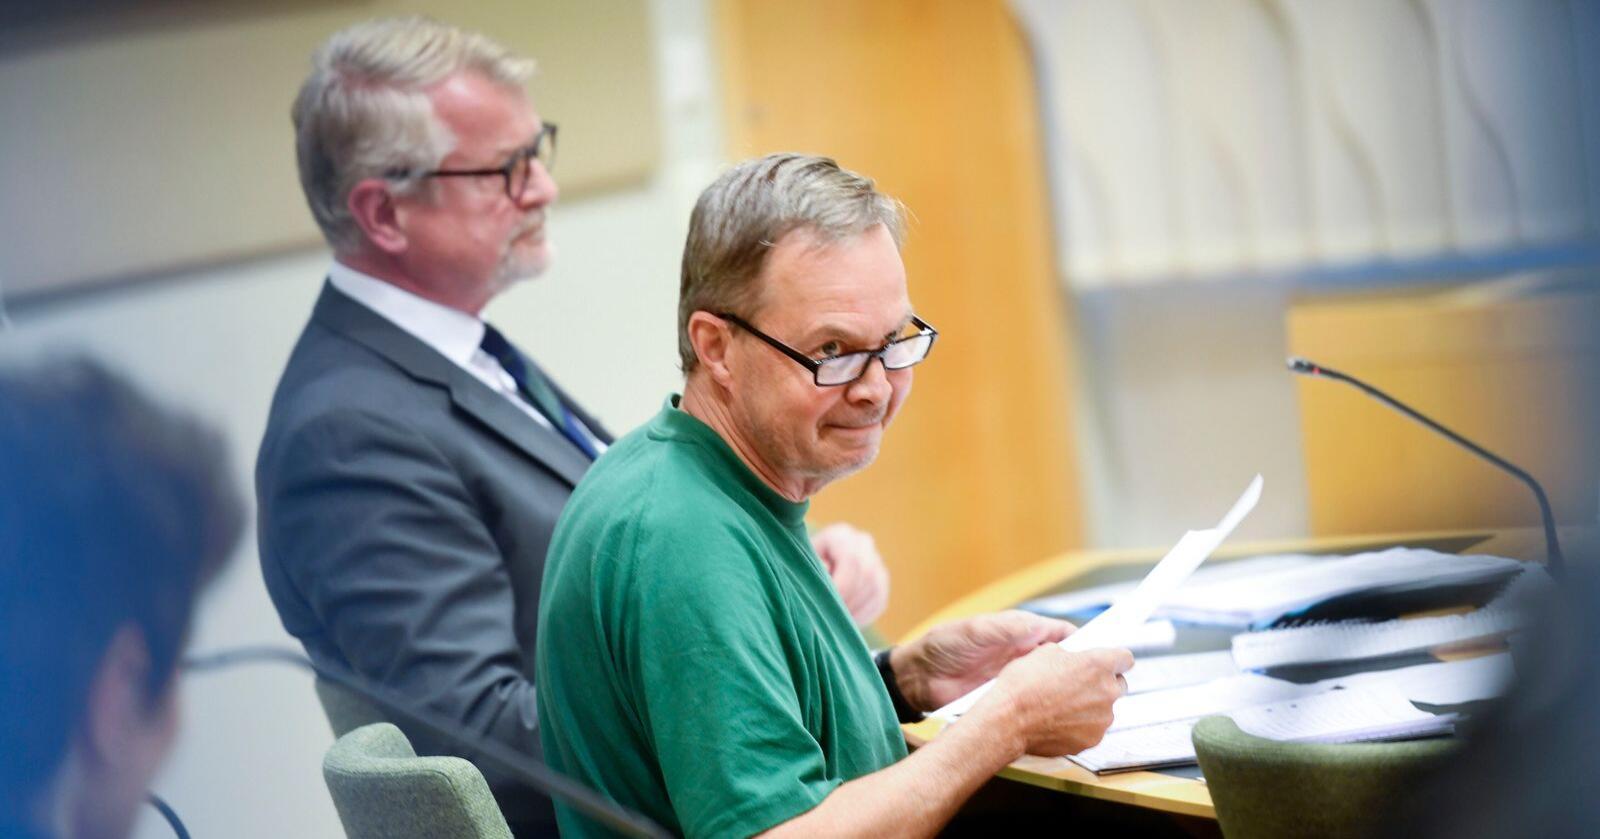 Karl Hedin ble varetektsfengslet i 2018, etter mistanke om ulovlig ulvejakt. Foto: Fredrik Sandberg / TT